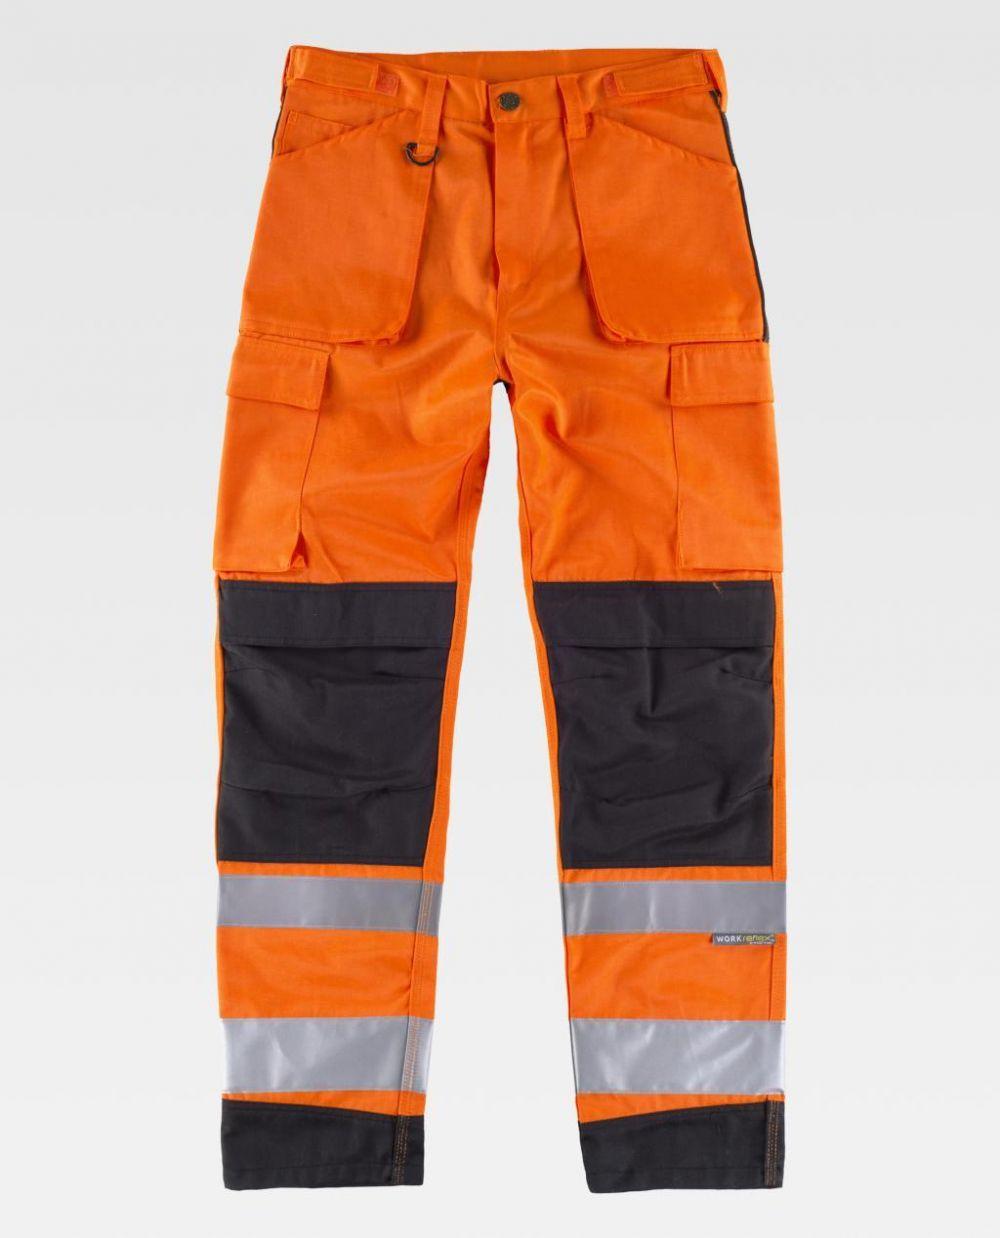 Pantalones reflectantes workteam de alta visibilidad de y combinado de poliéster vista 1